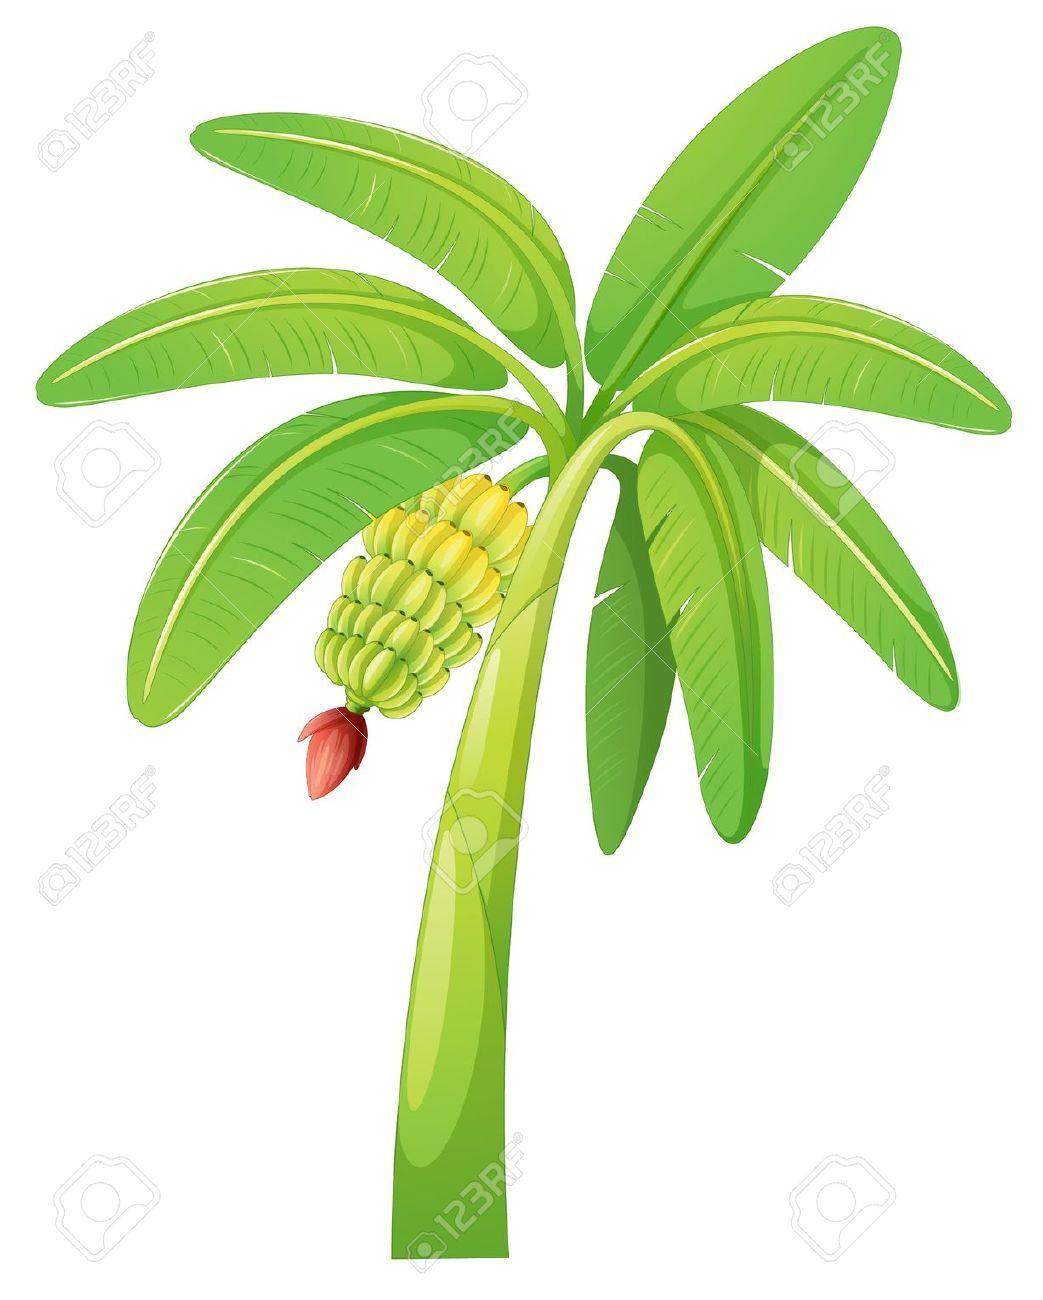 Banana tree vector clipart stock of banana tree on a white | nuntawat55 | Palm tree clip art, Leaf ... stock